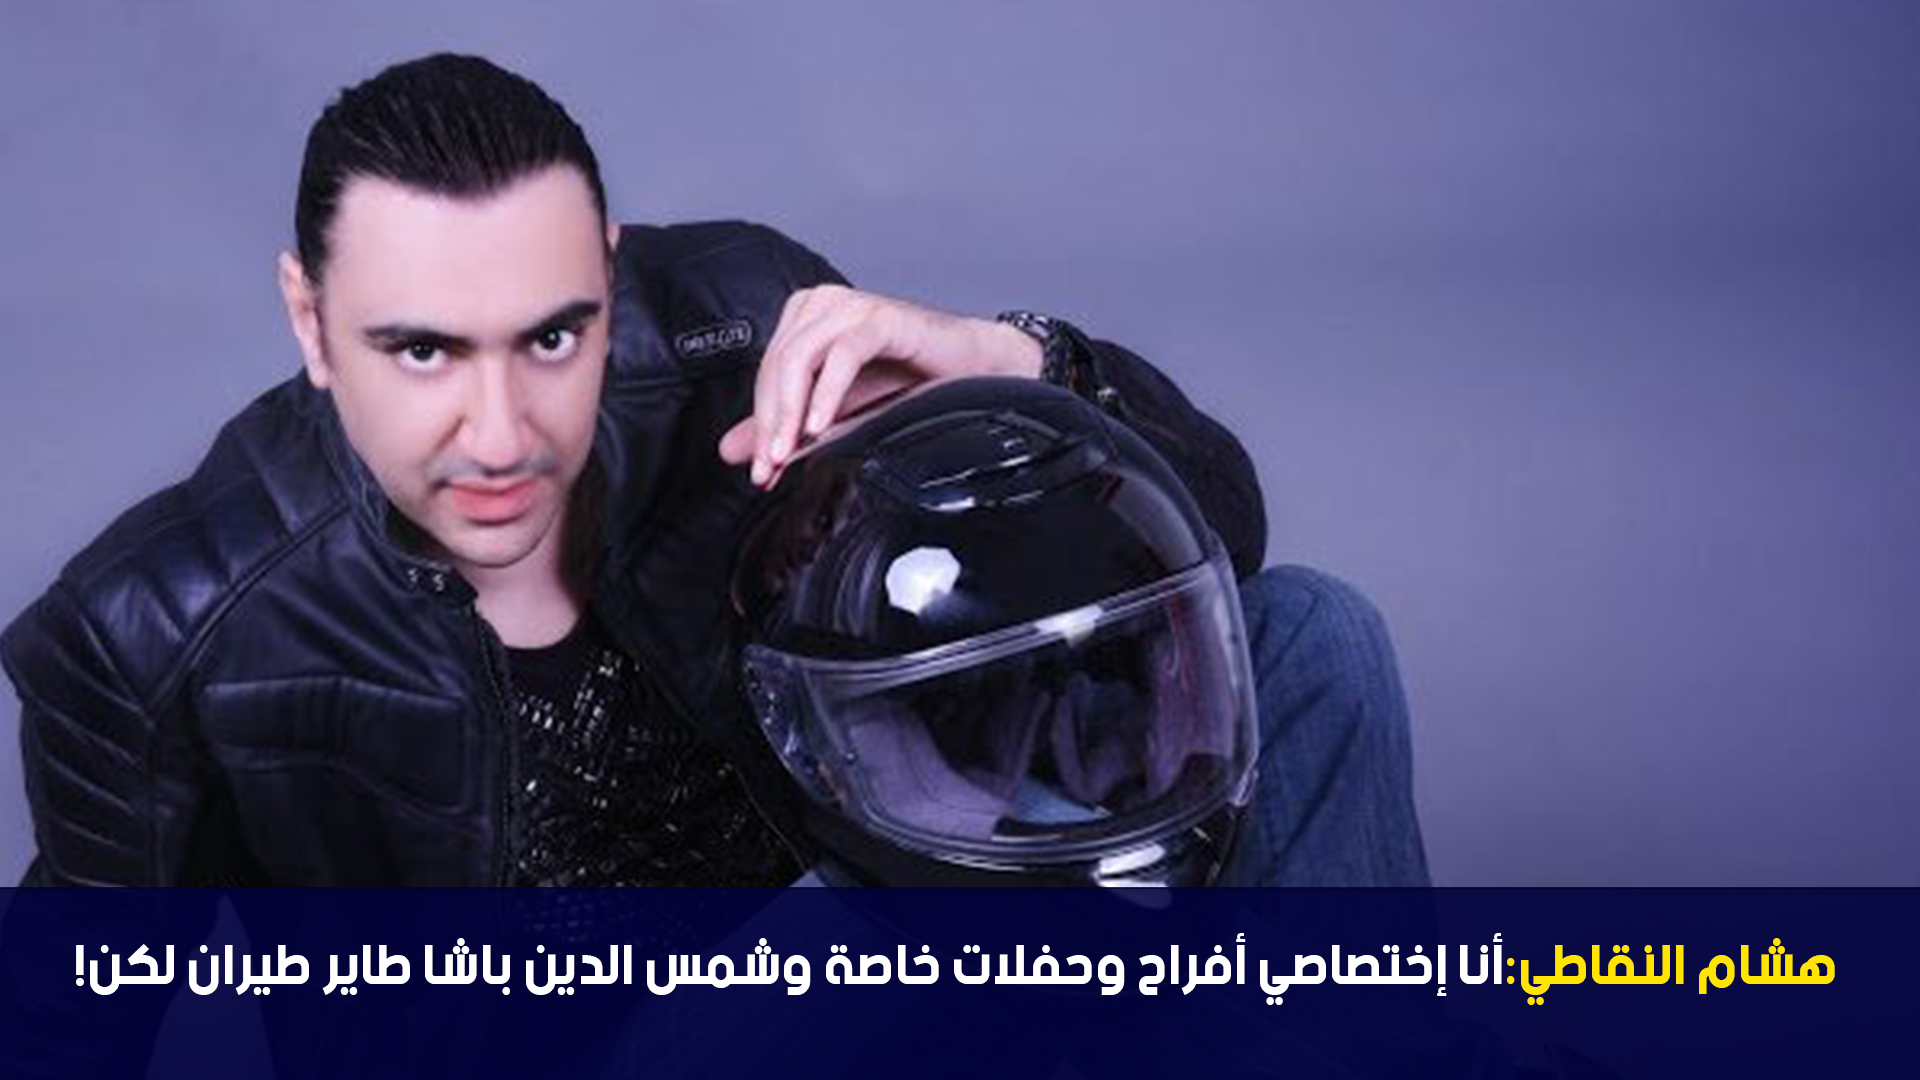 هشام النقاطي: أنا إختصاصي أفراح وحفلات خاصة وشمس الدين باشا طاير طيران لكن !!